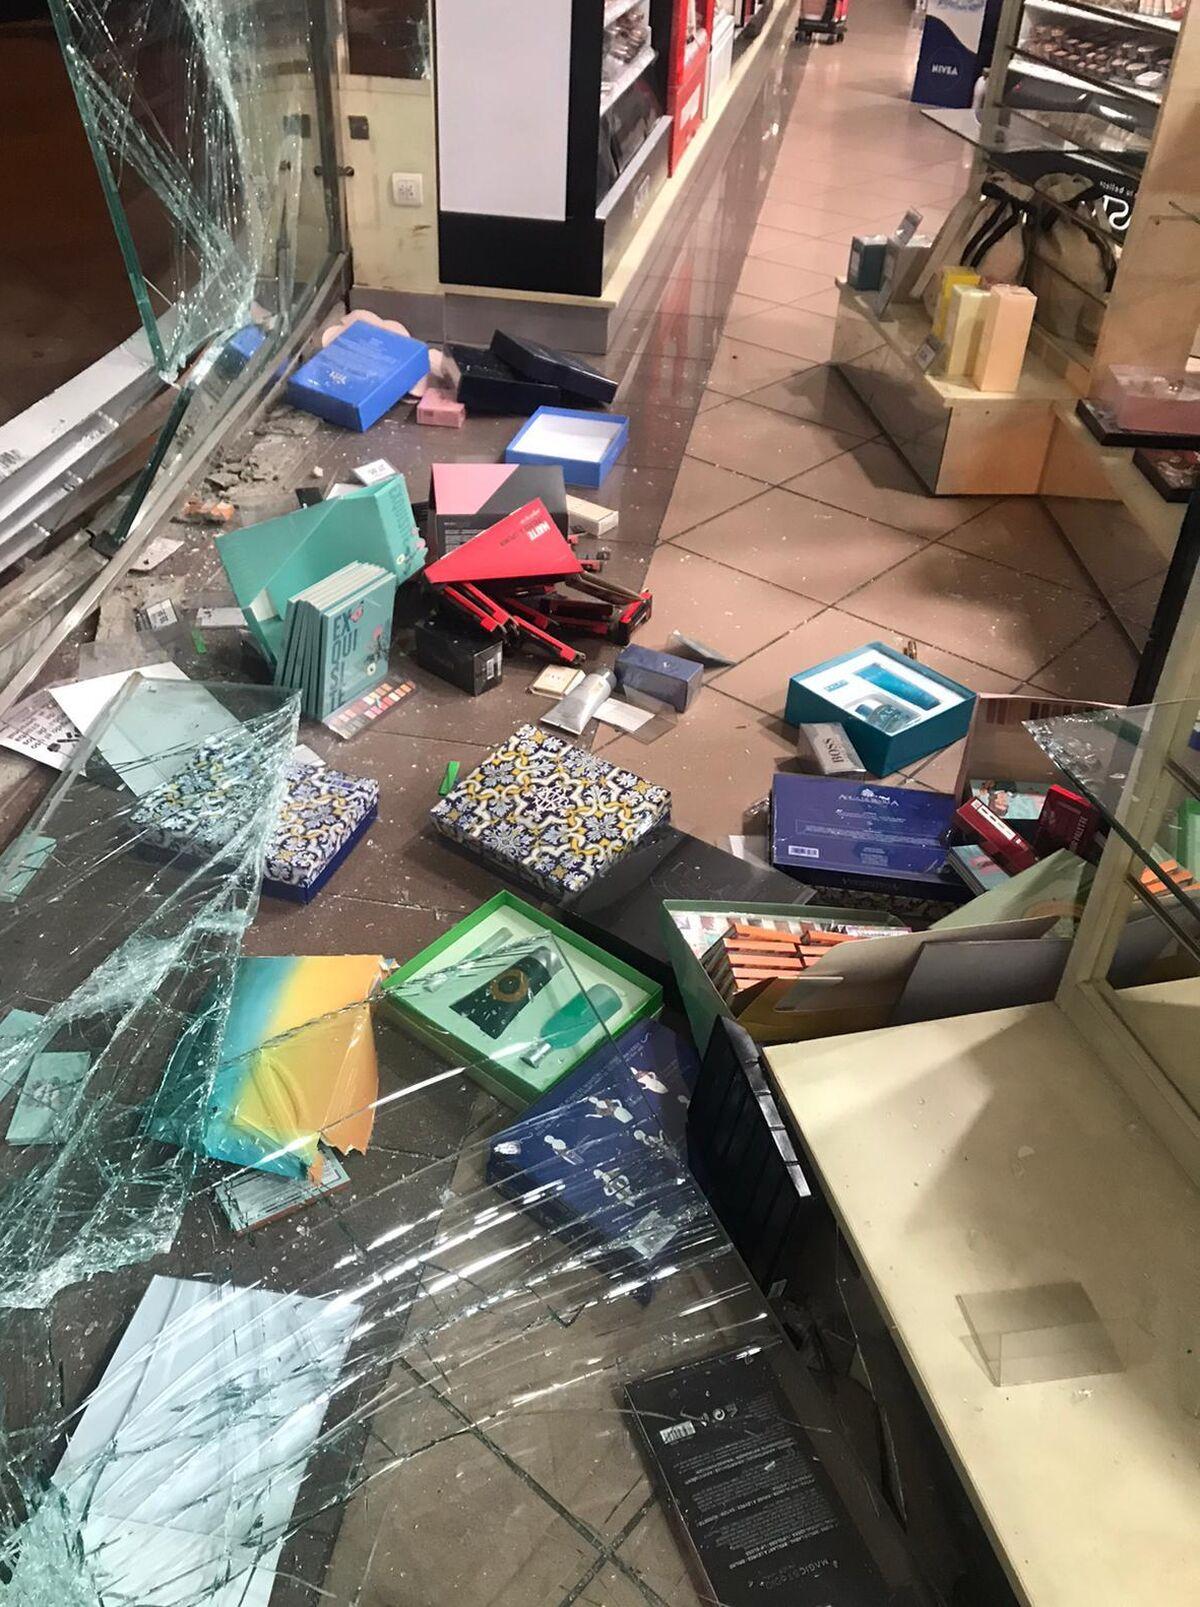 Productos tirados por el suelo en el interior de la tienda.